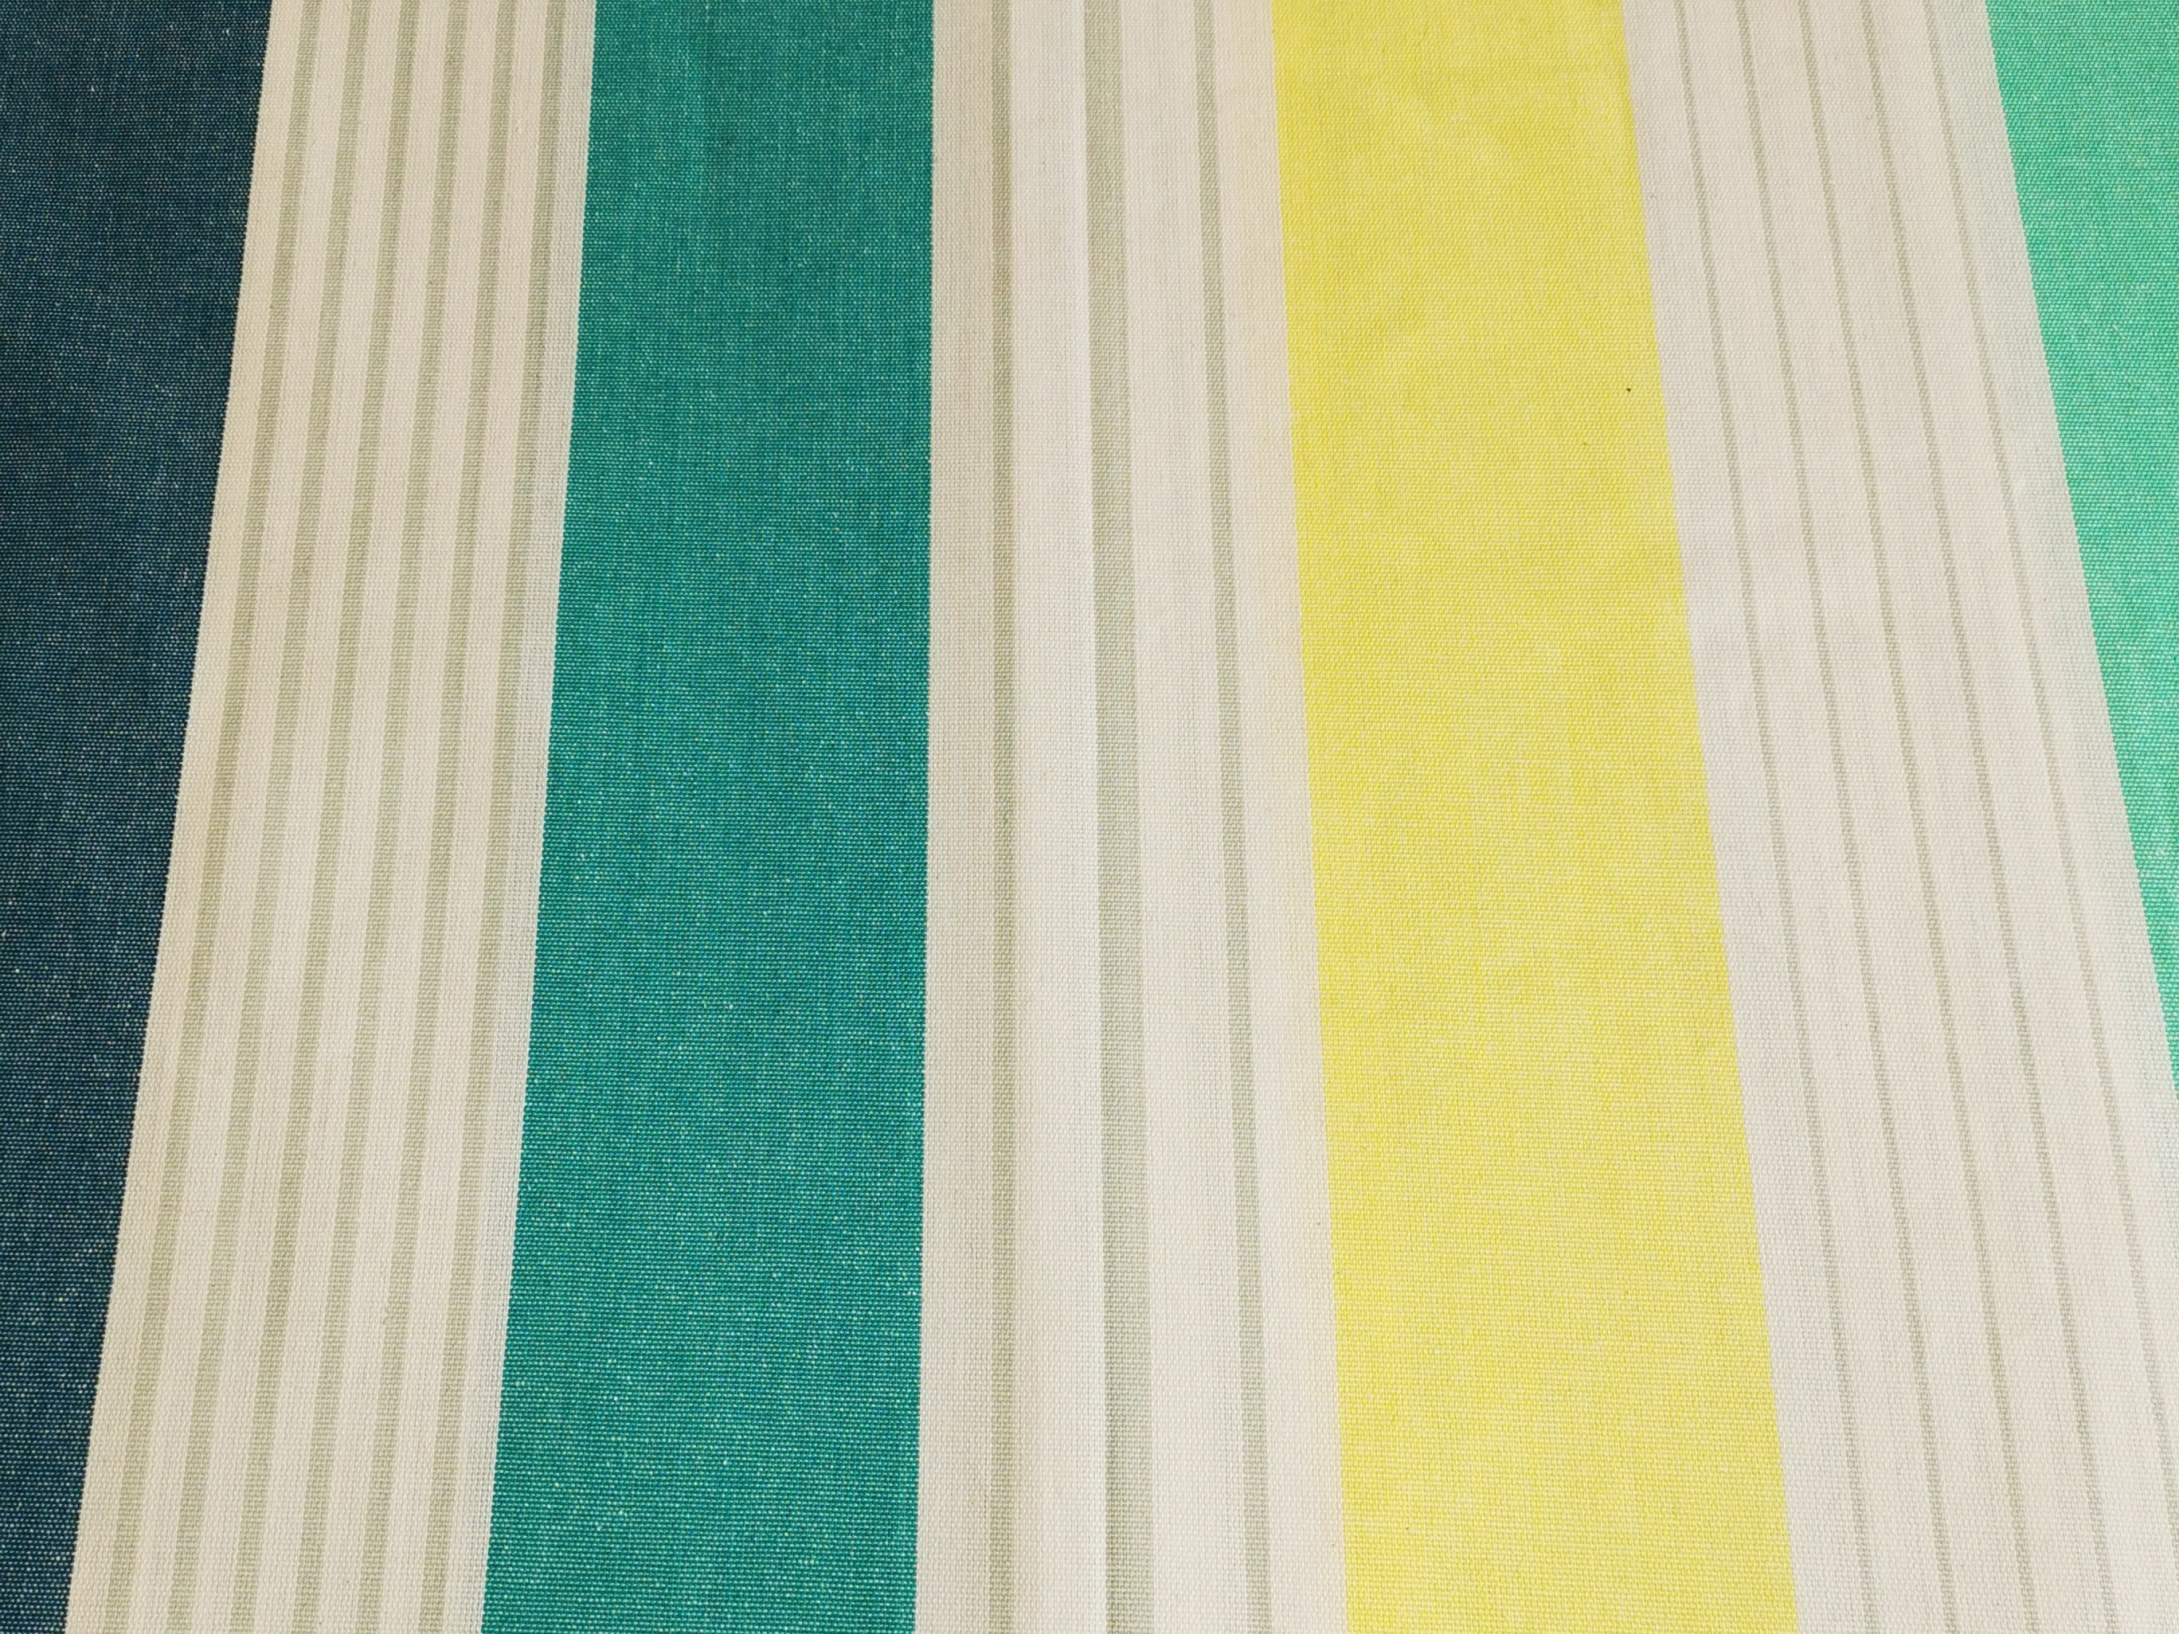 nappe enduite à rayures couleurs d'hélène